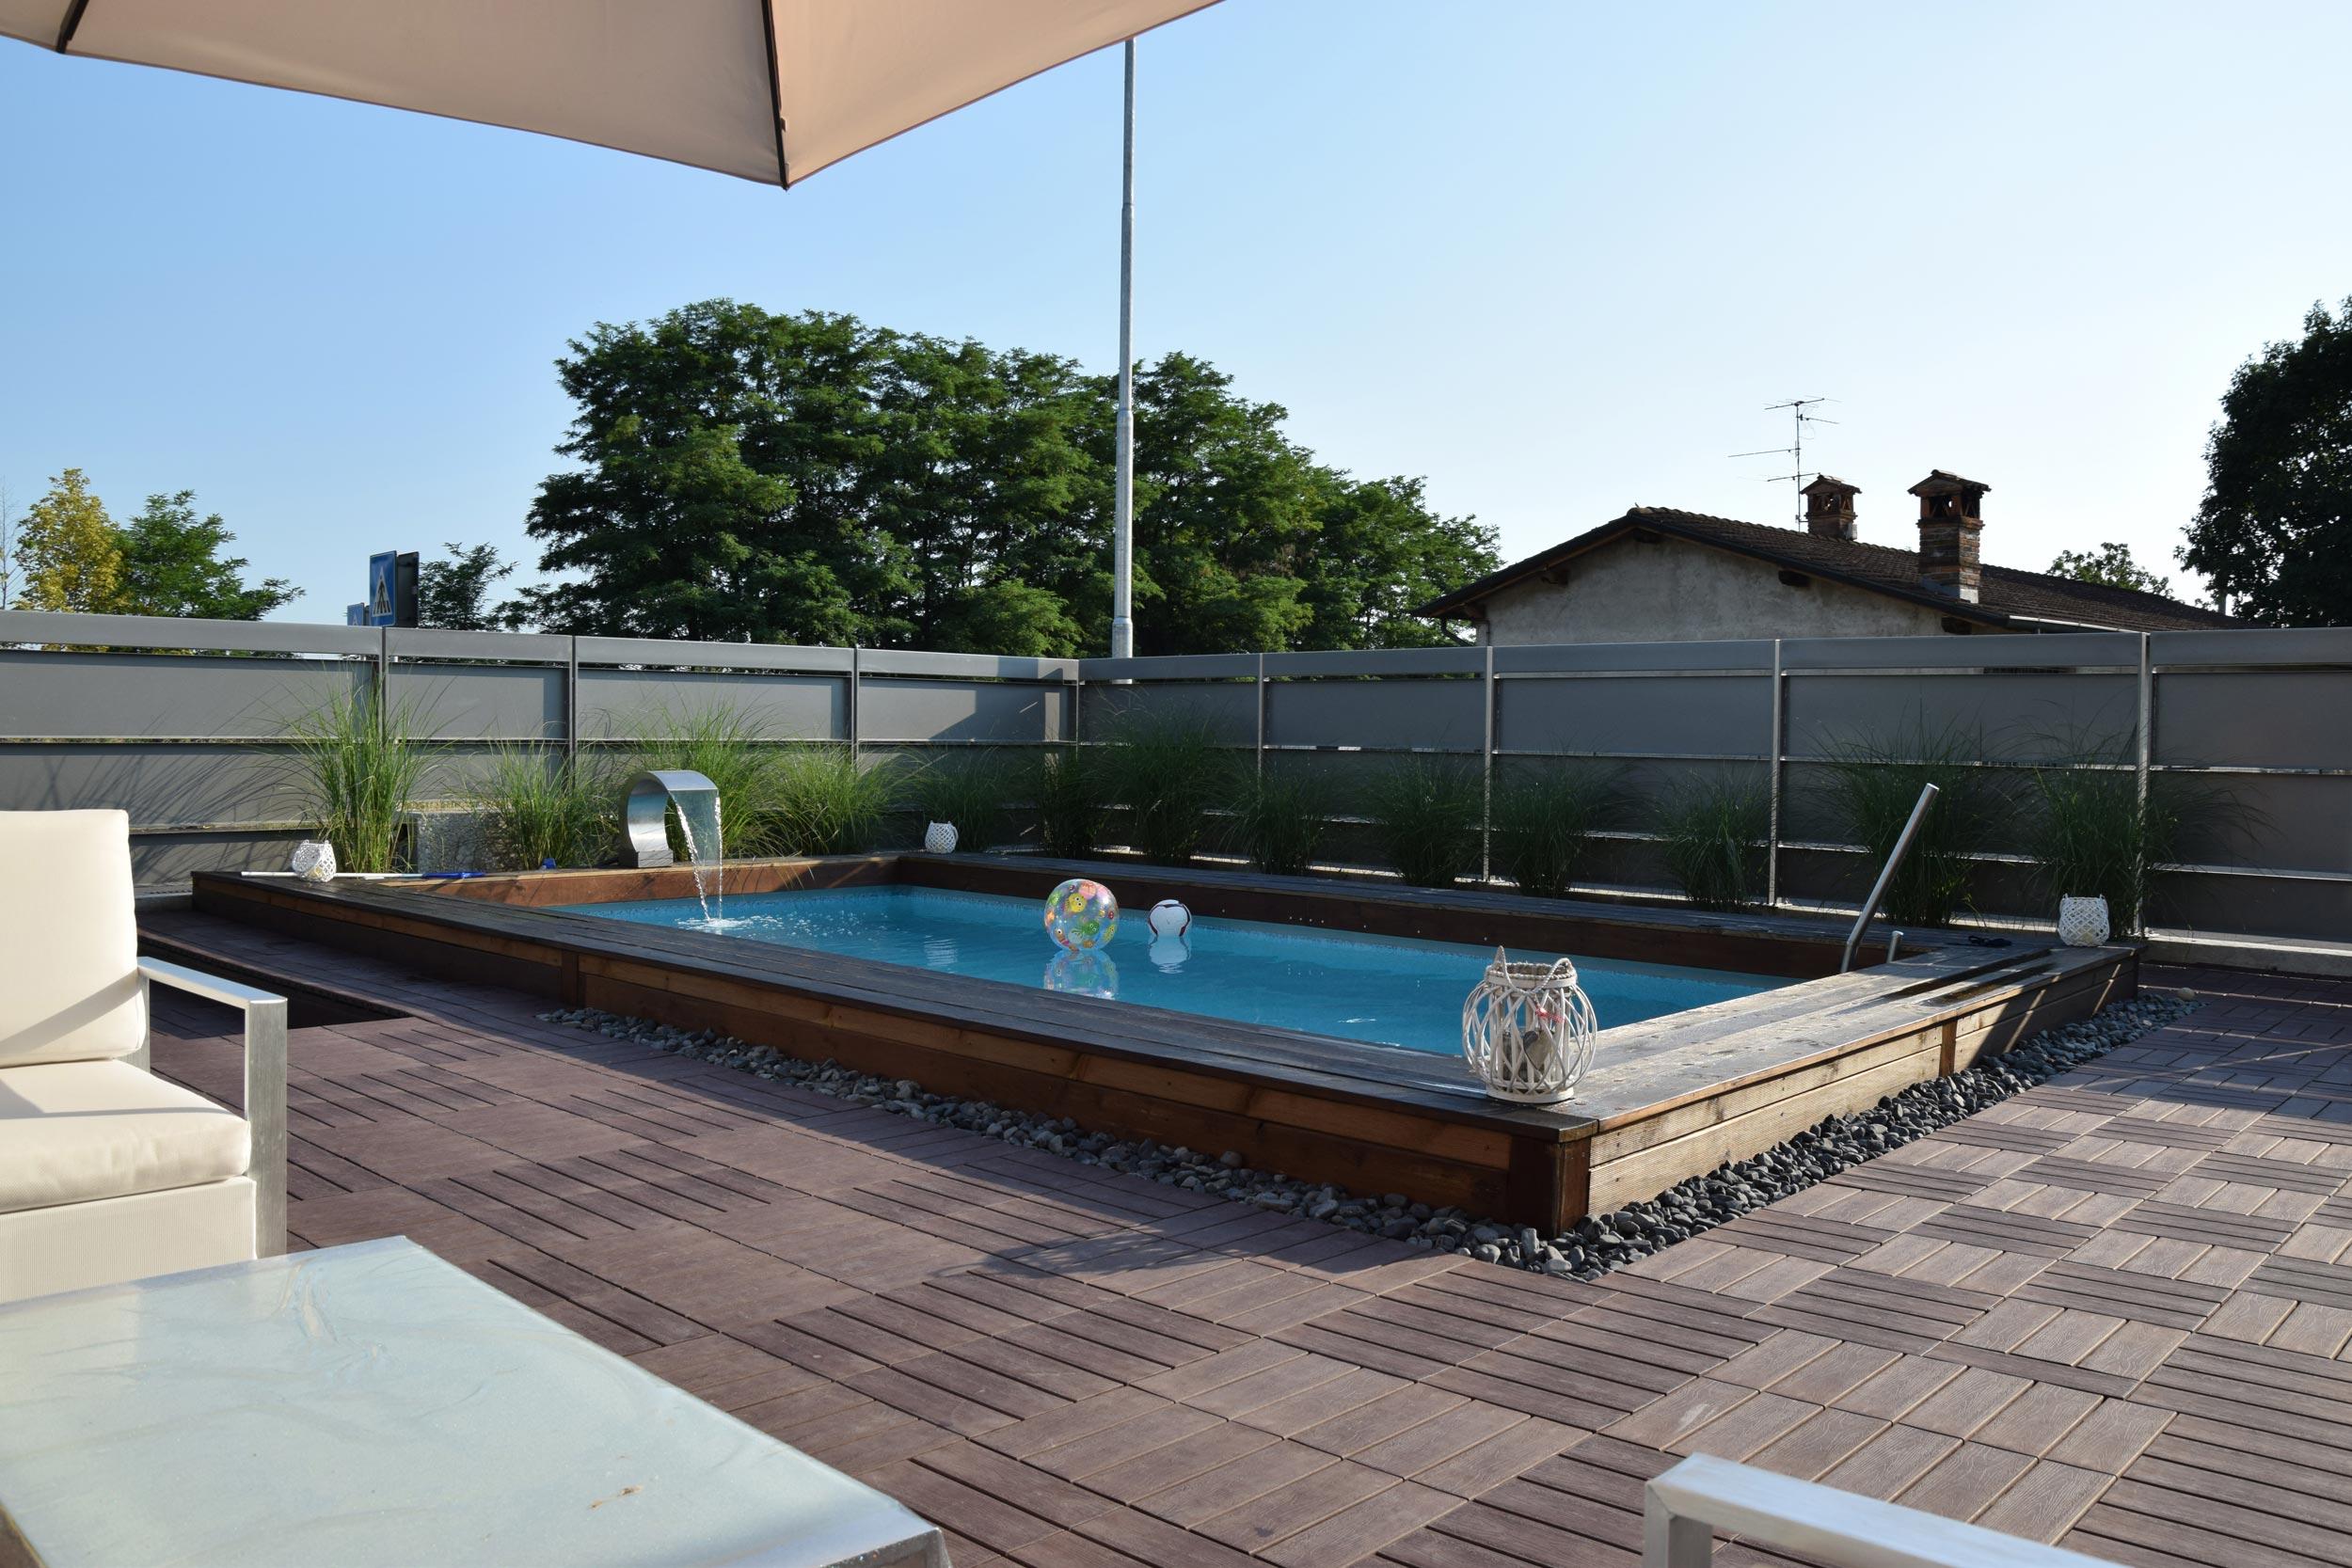 Giardino con piscina rialzata progettazione giardini - Piscina bagnolo mella ...